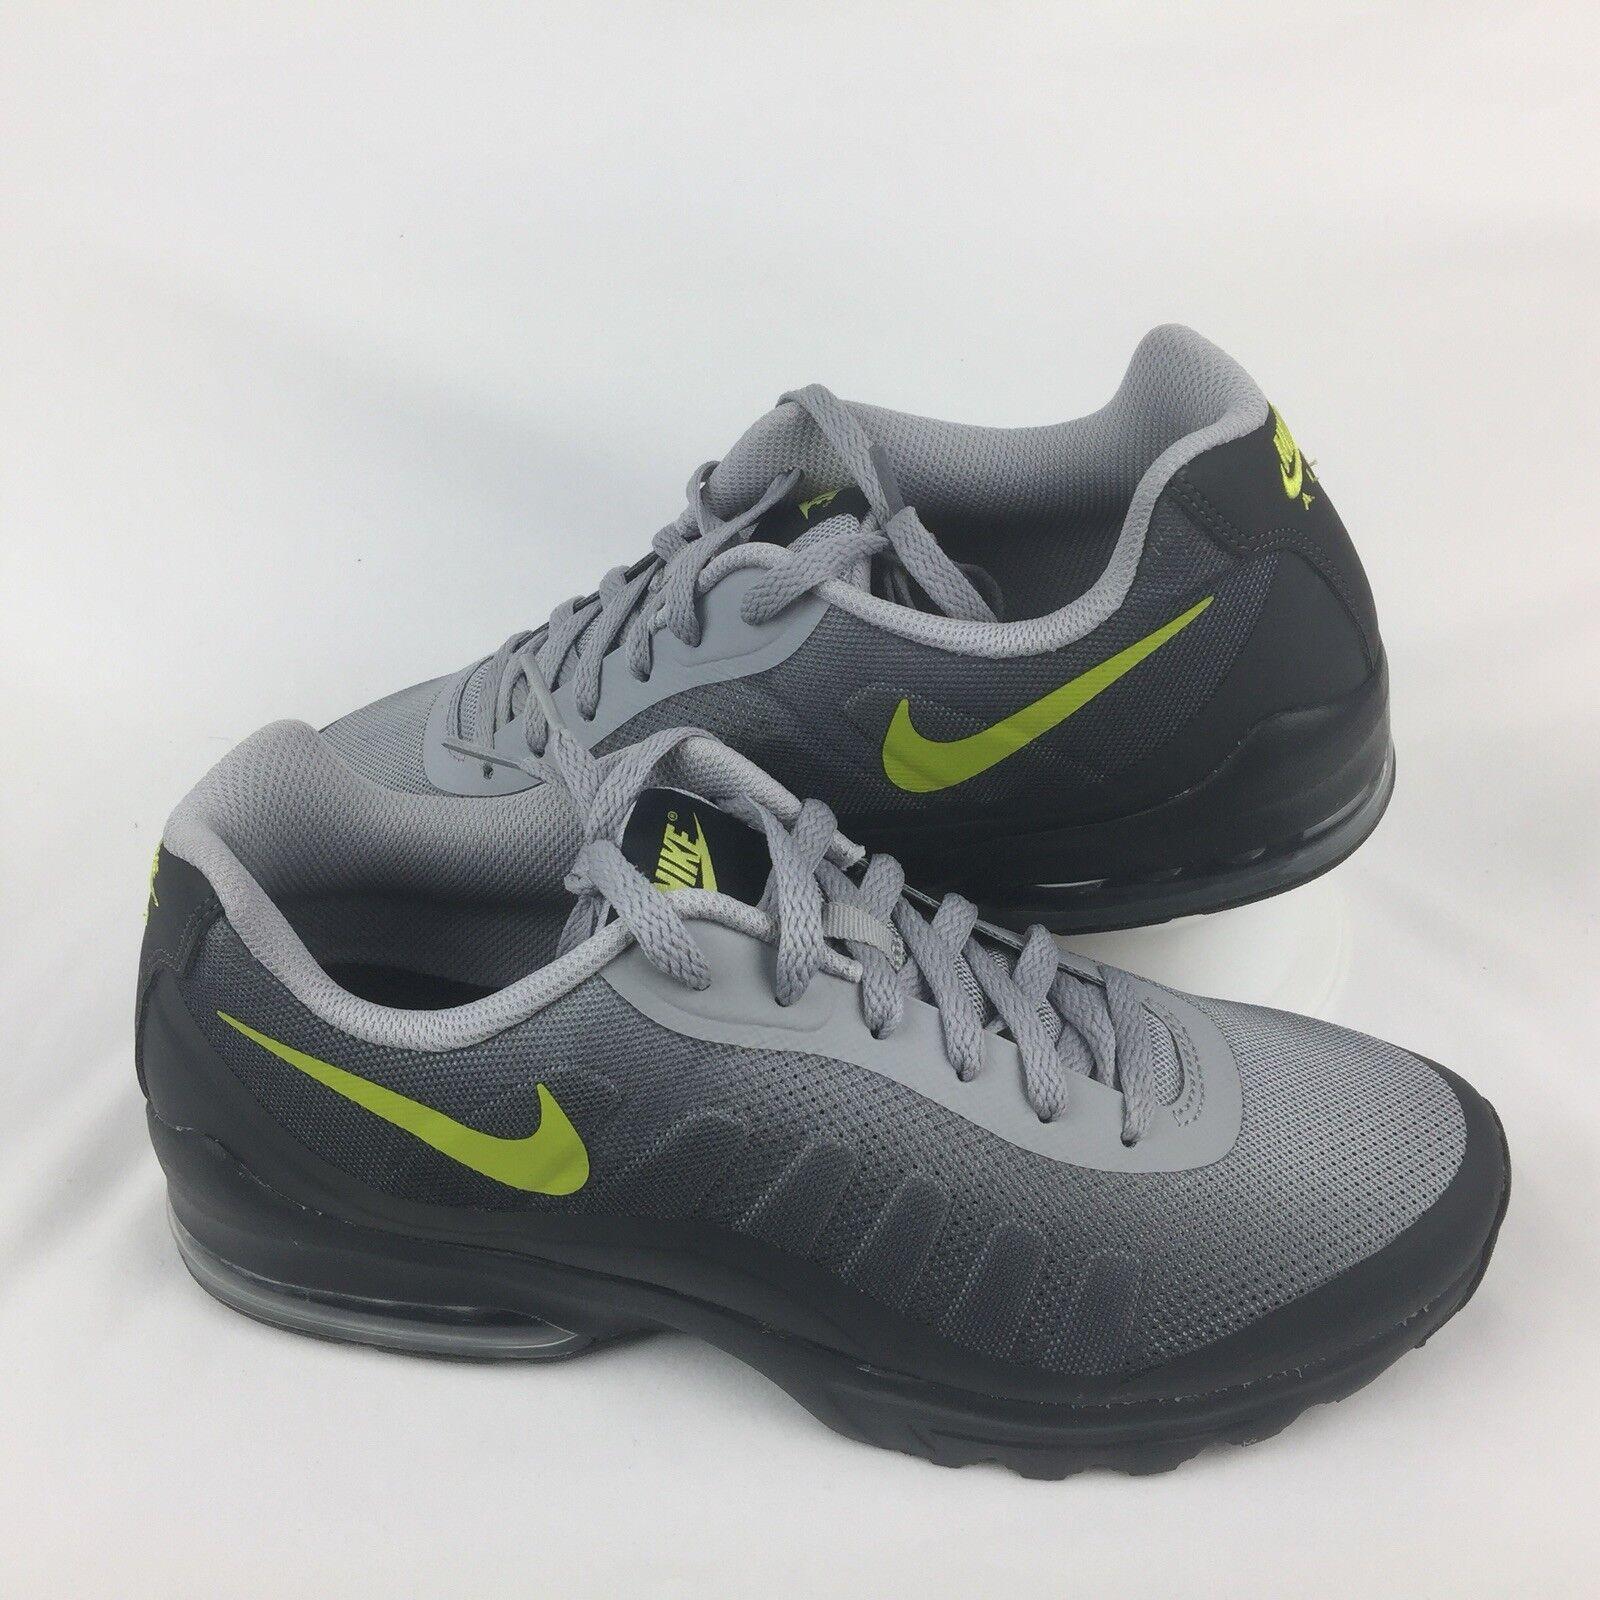 Nike Air Max Invigor Print Running Sneakers Grey Bright Cactus Comfortable Seasonal price cuts, discount benefits